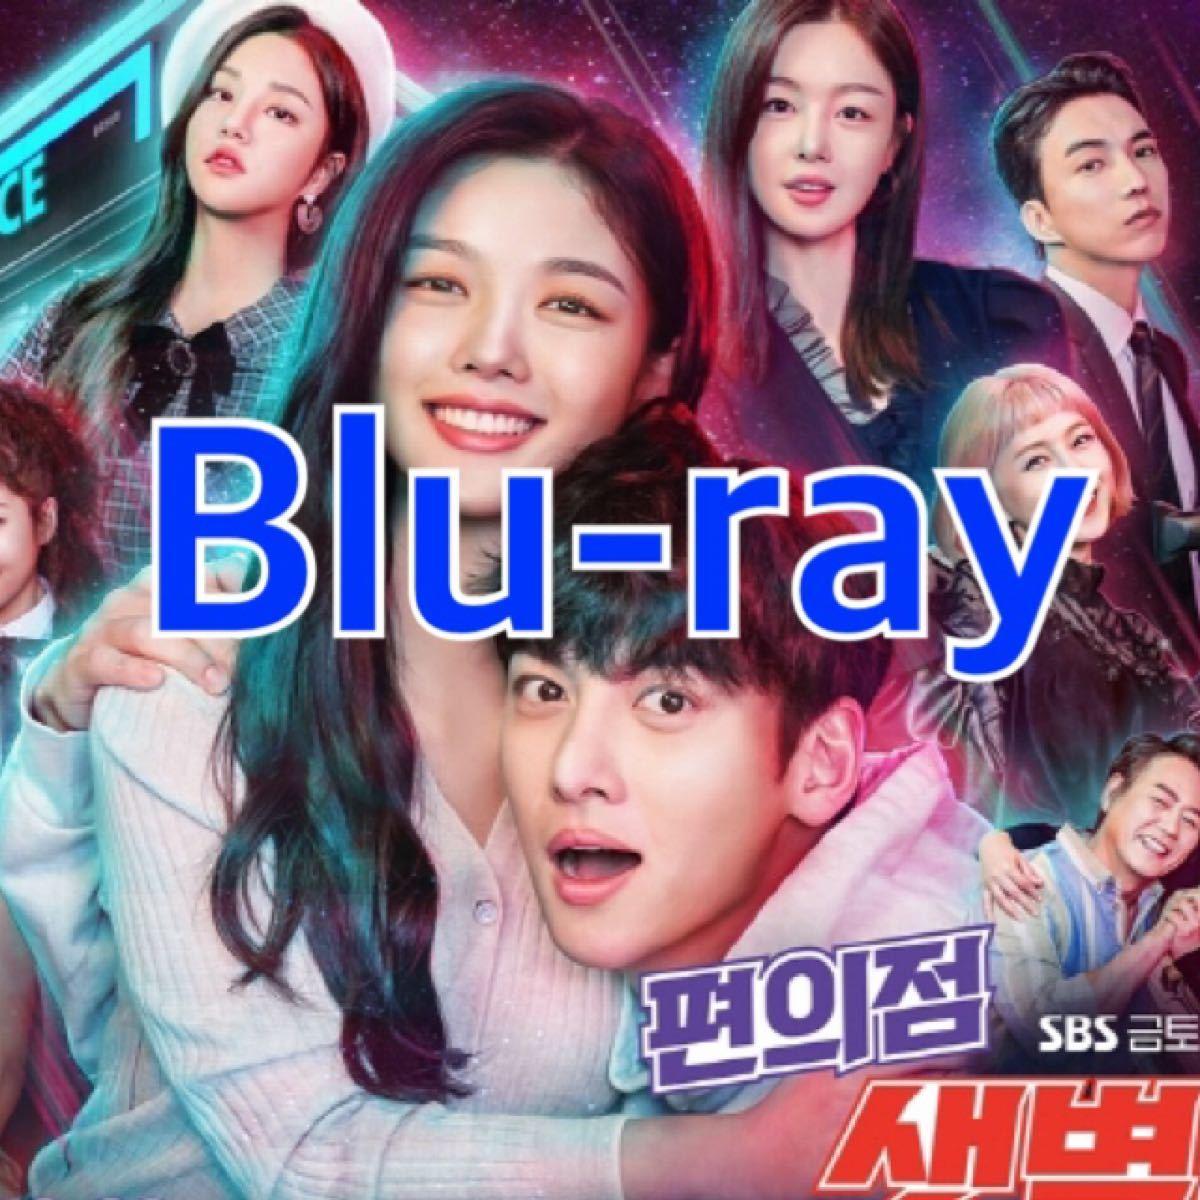 韓国ドラマ コンビニセッピョル Blu-ray